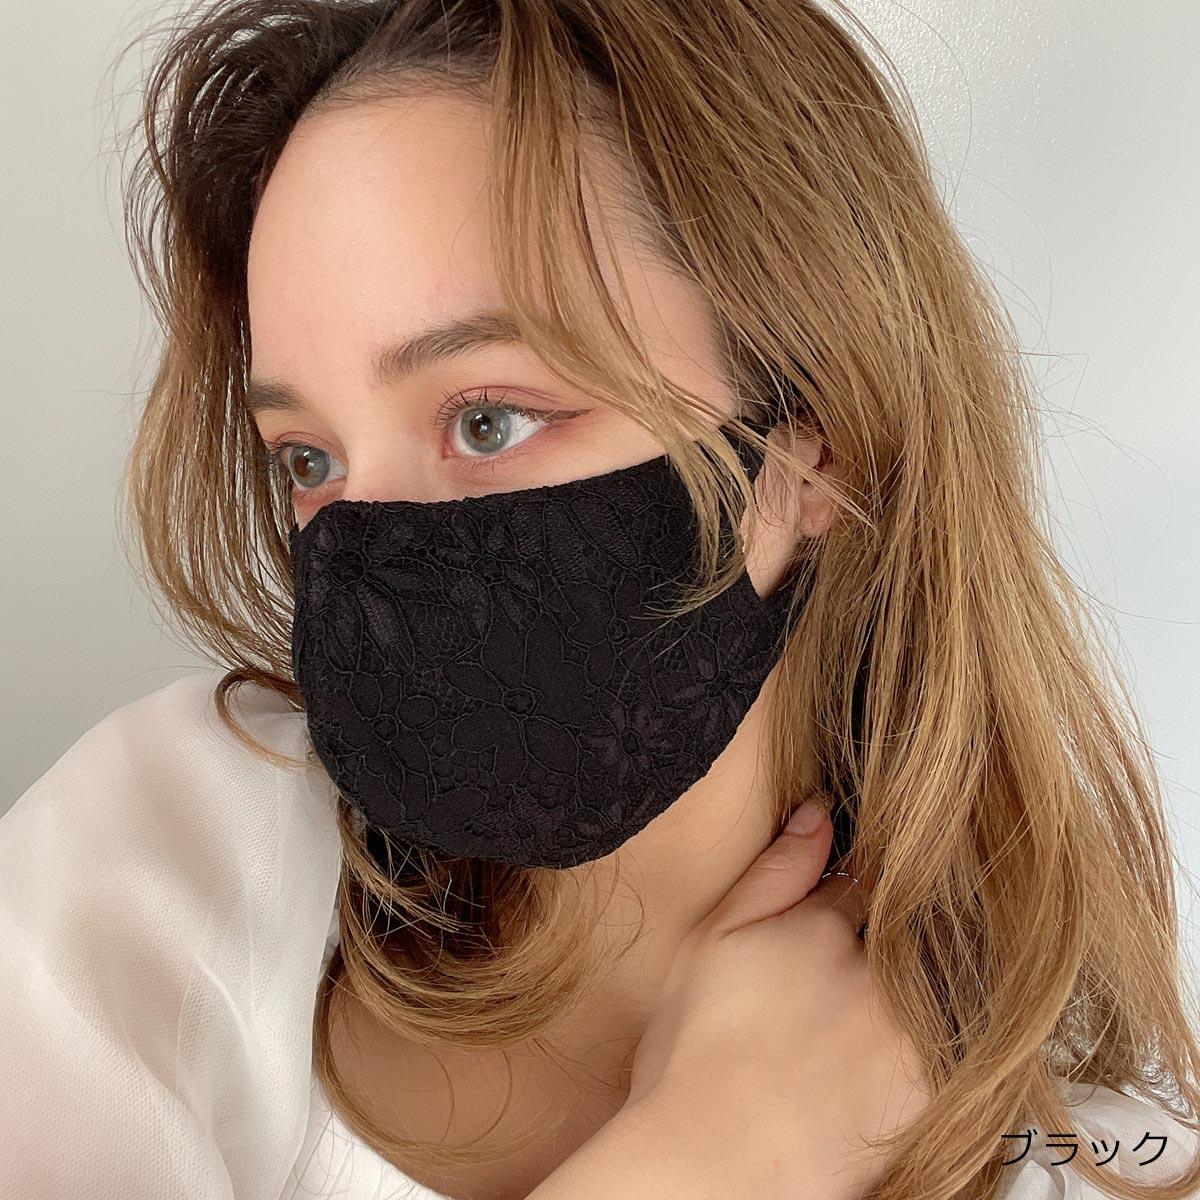 【ネコポス送料無料】【WEB限定】レースマスク